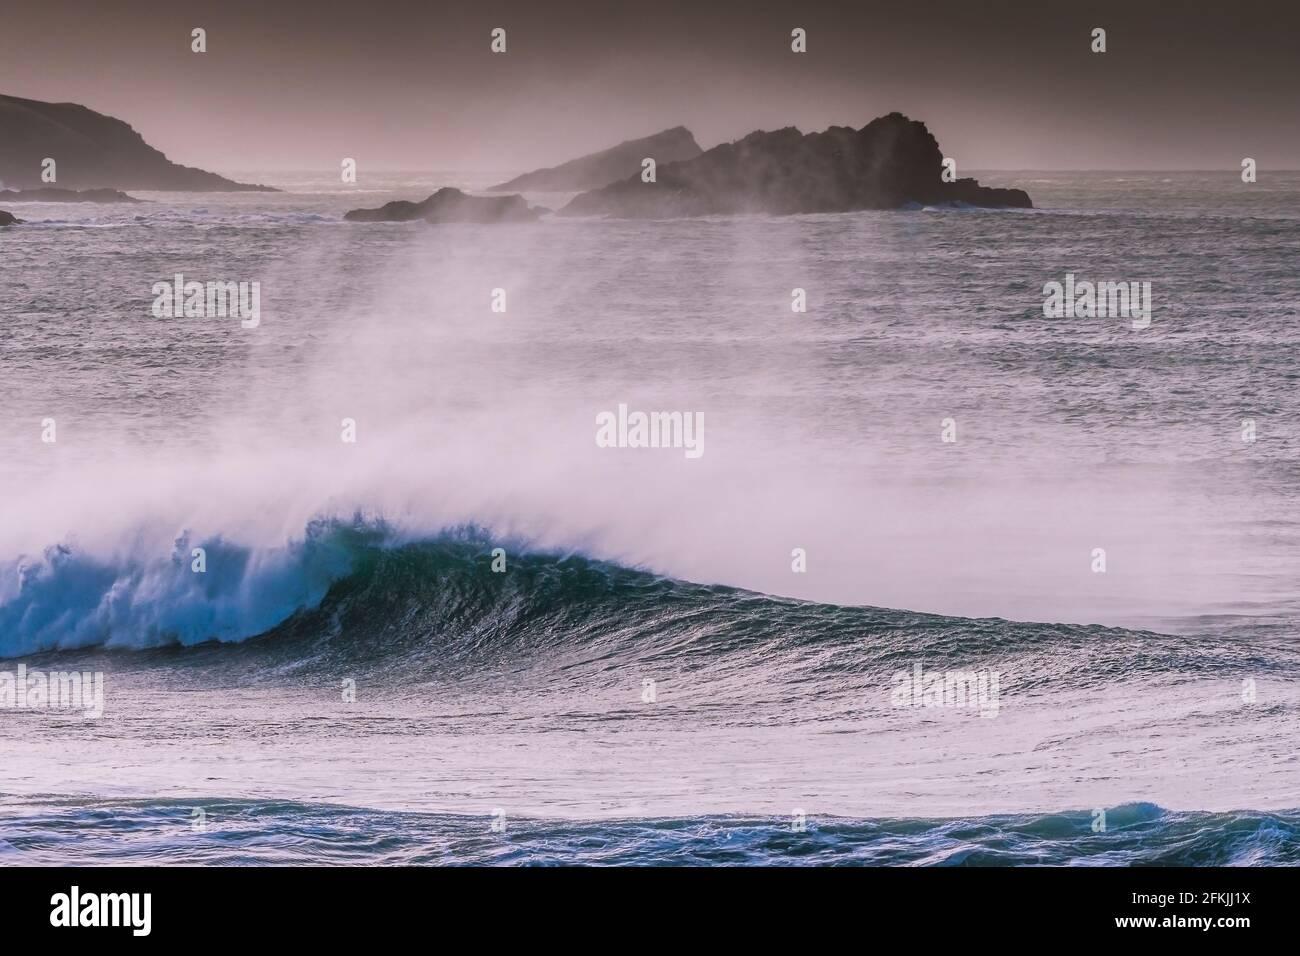 Une forte pulvérisation de vent au large d'une grande vague dans la baie de Fistral, à Newquay, dans les Cornouailles. Banque D'Images